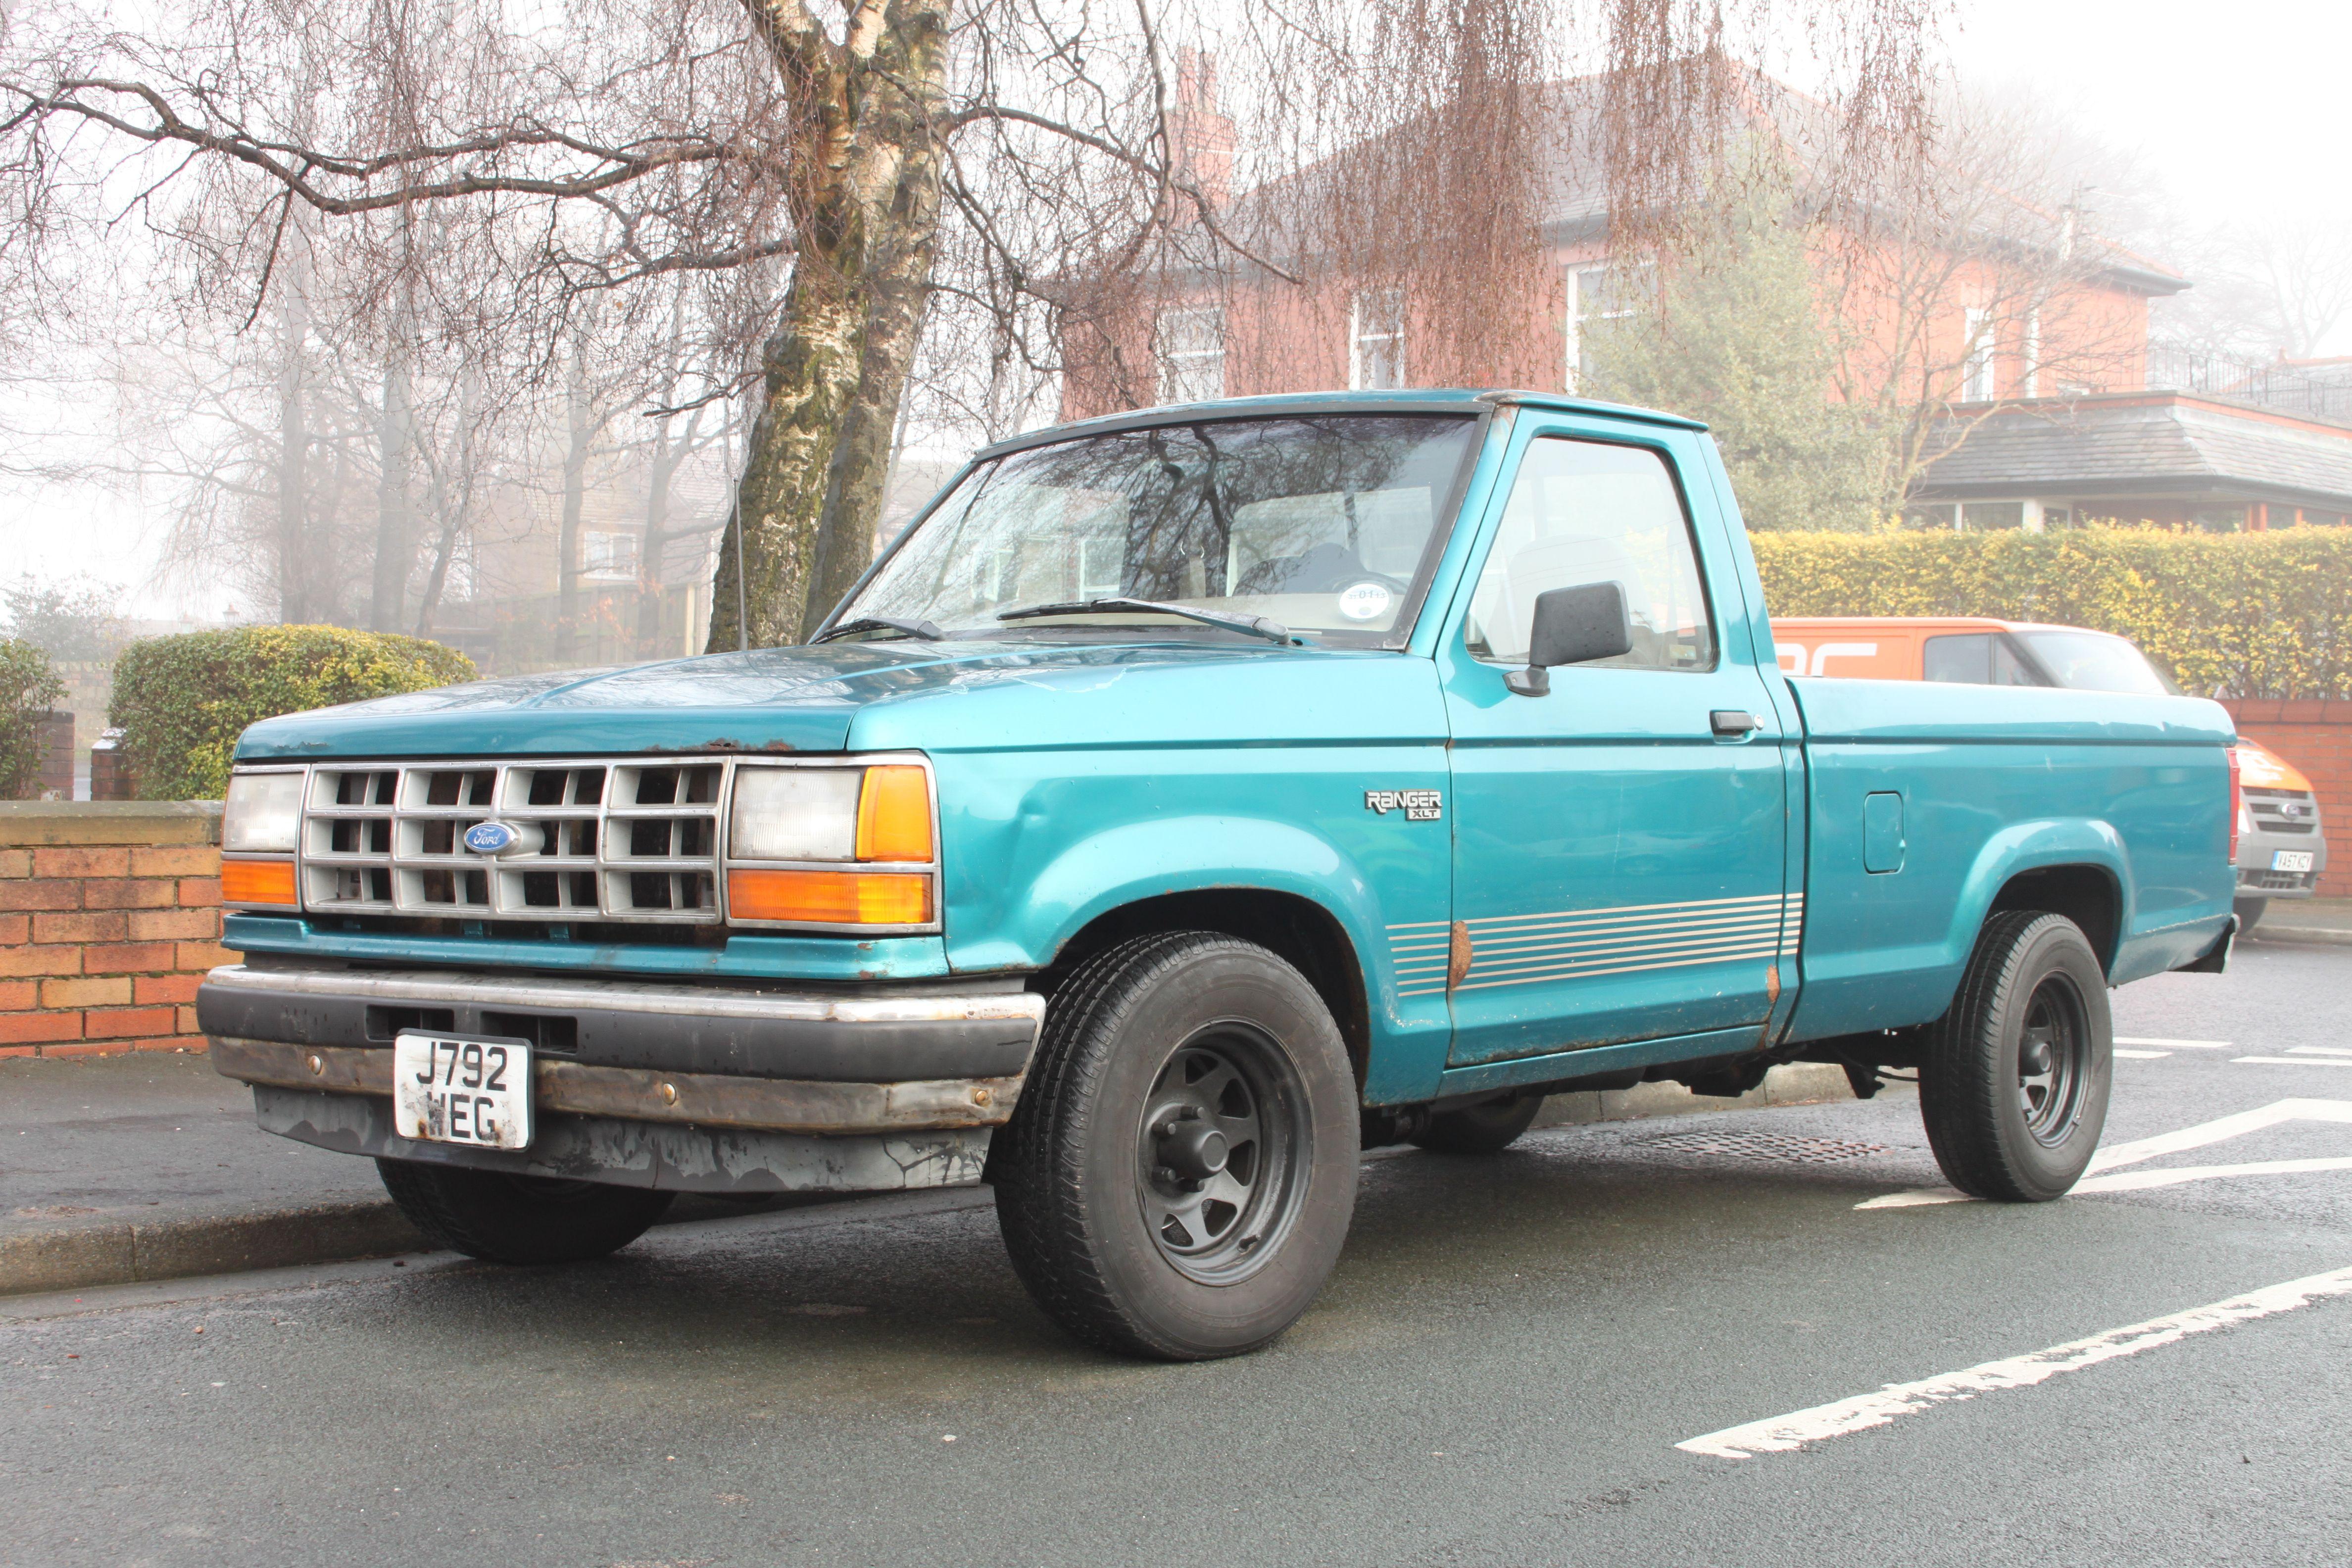 92 ranger 2005 ford ranger badass bae survival truck trucks